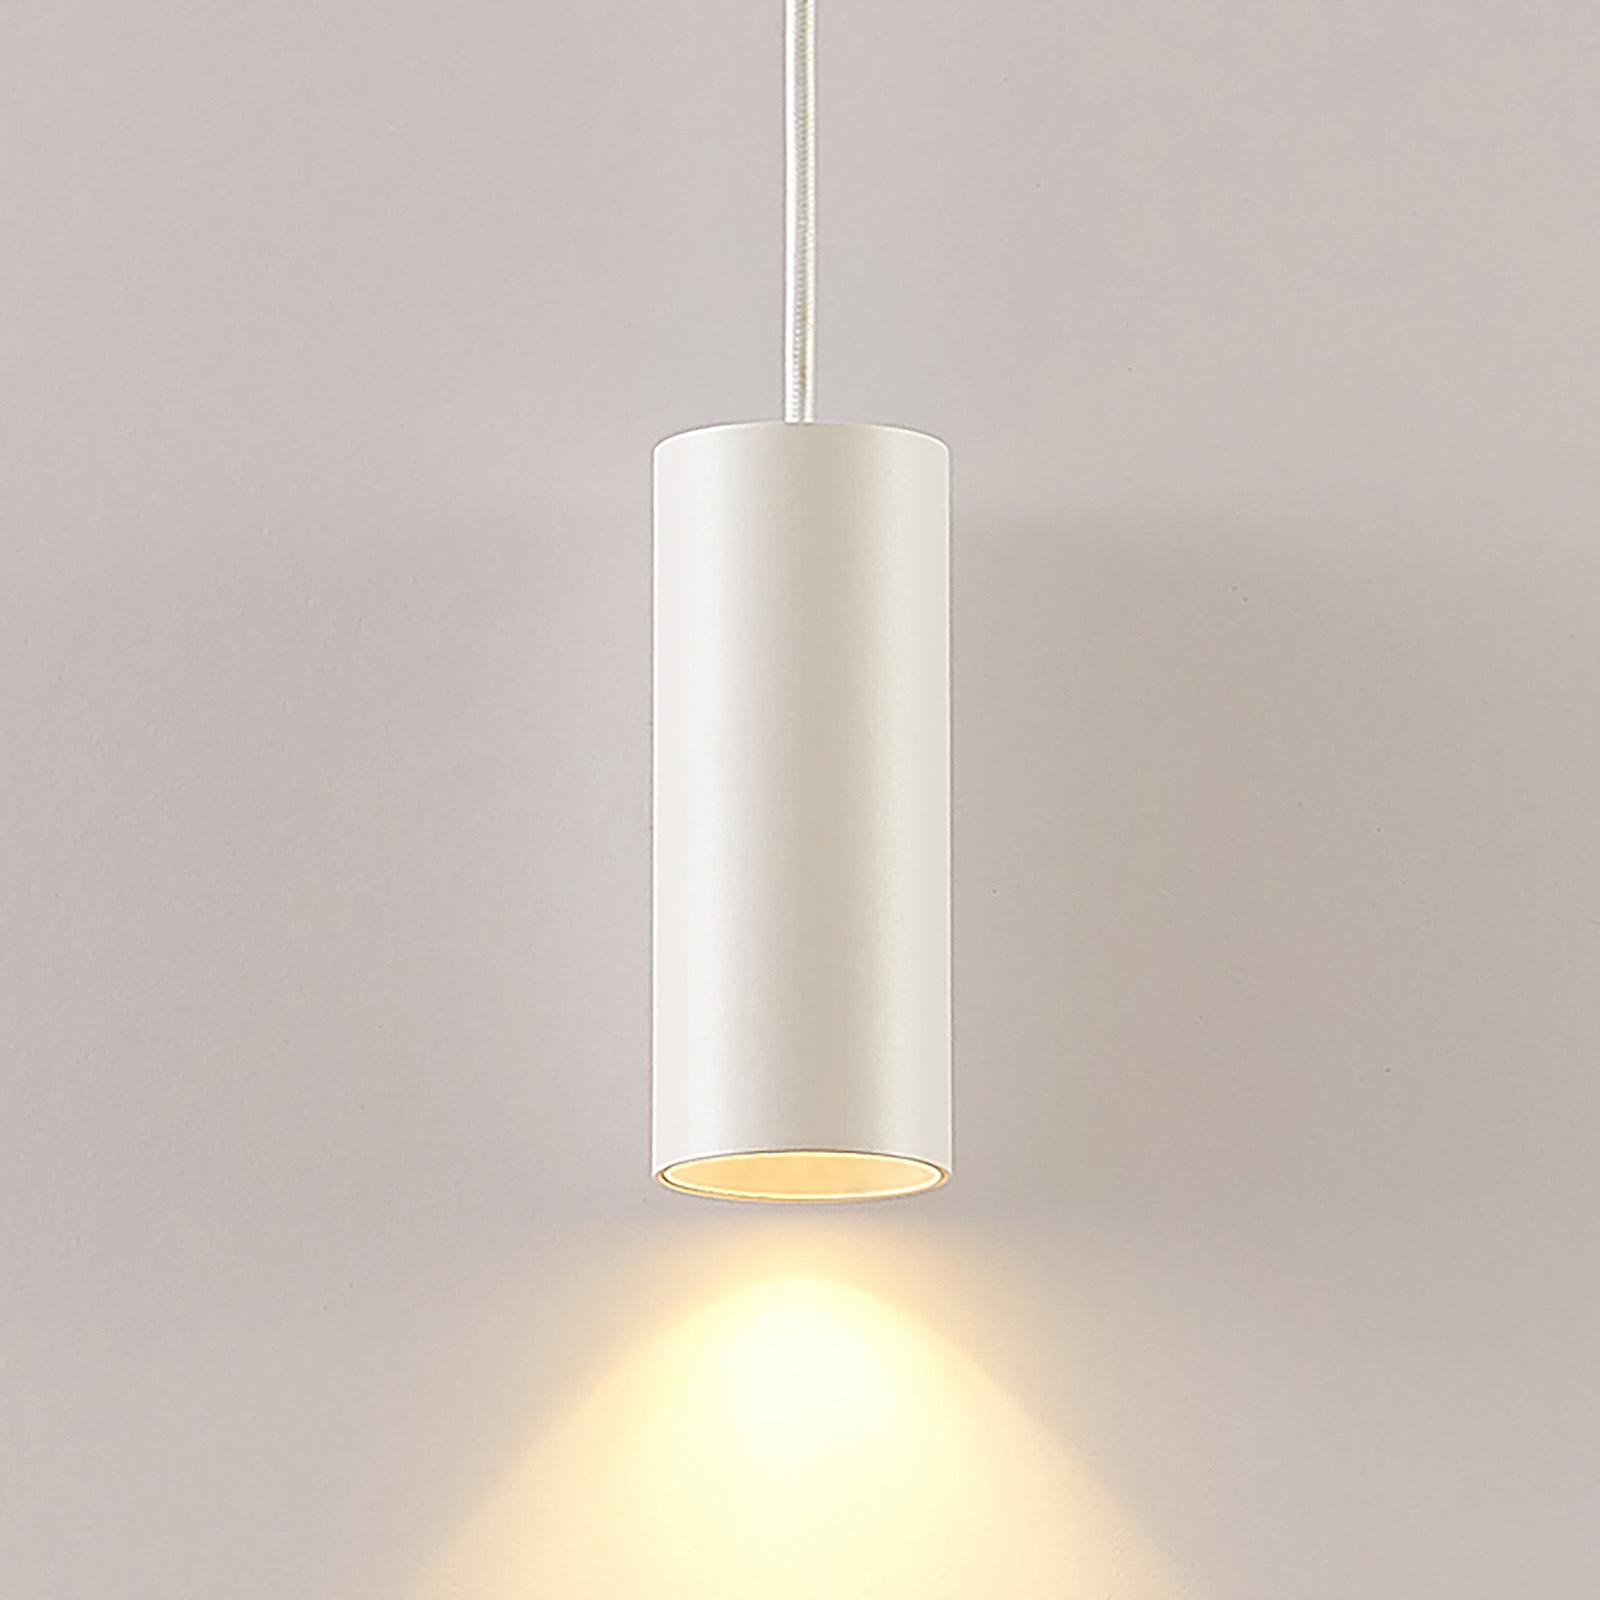 Arcchio Ejona lampa wisząca, wysokość 15 cm, biała